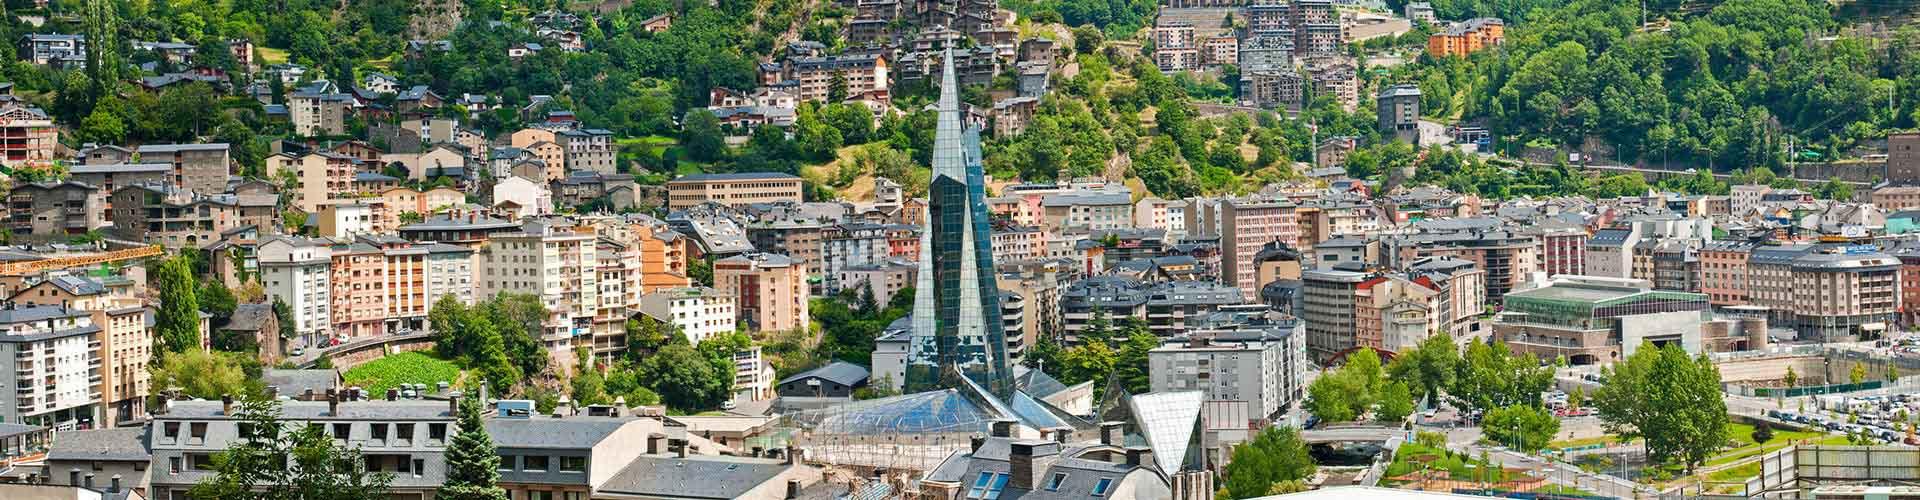 Andorra la Vella - Lakosztályok Andorra la Vella. Andorra la Vella térképek, fotók és ajánlások minden egyes Andorra la Vella lakosztályról.